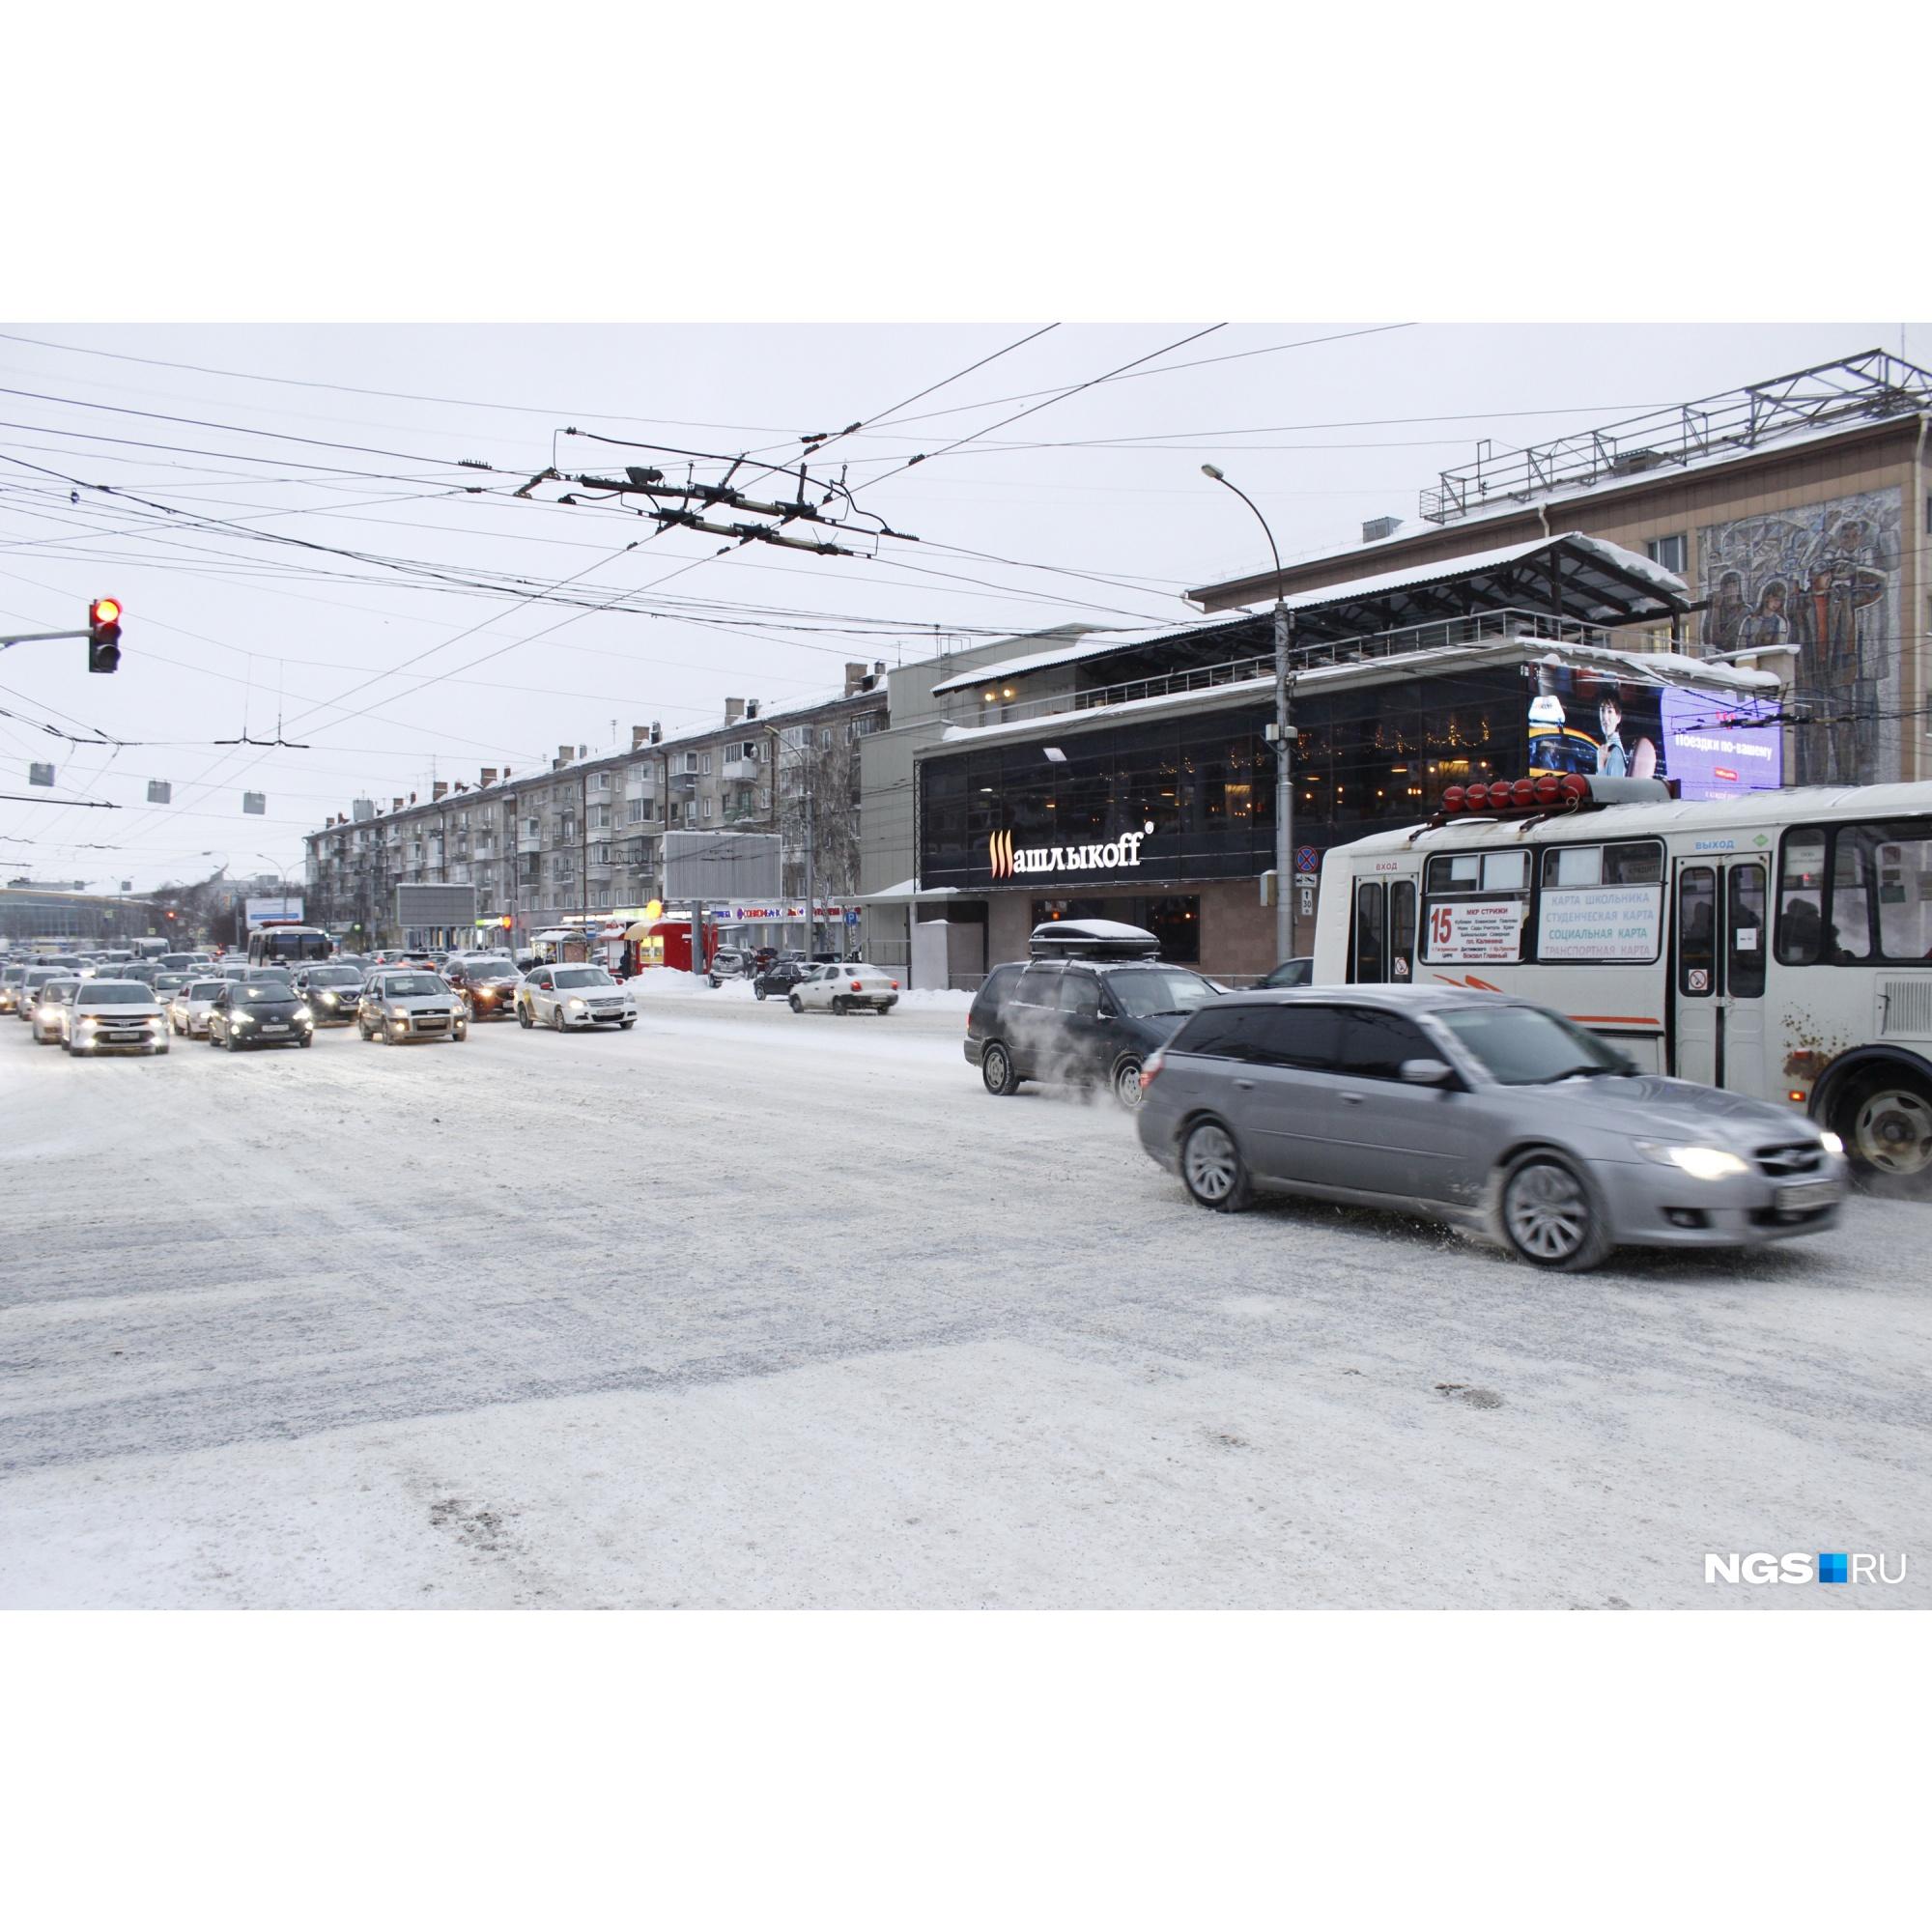 Автобус и минивэн мешают перпендикулярному направлению